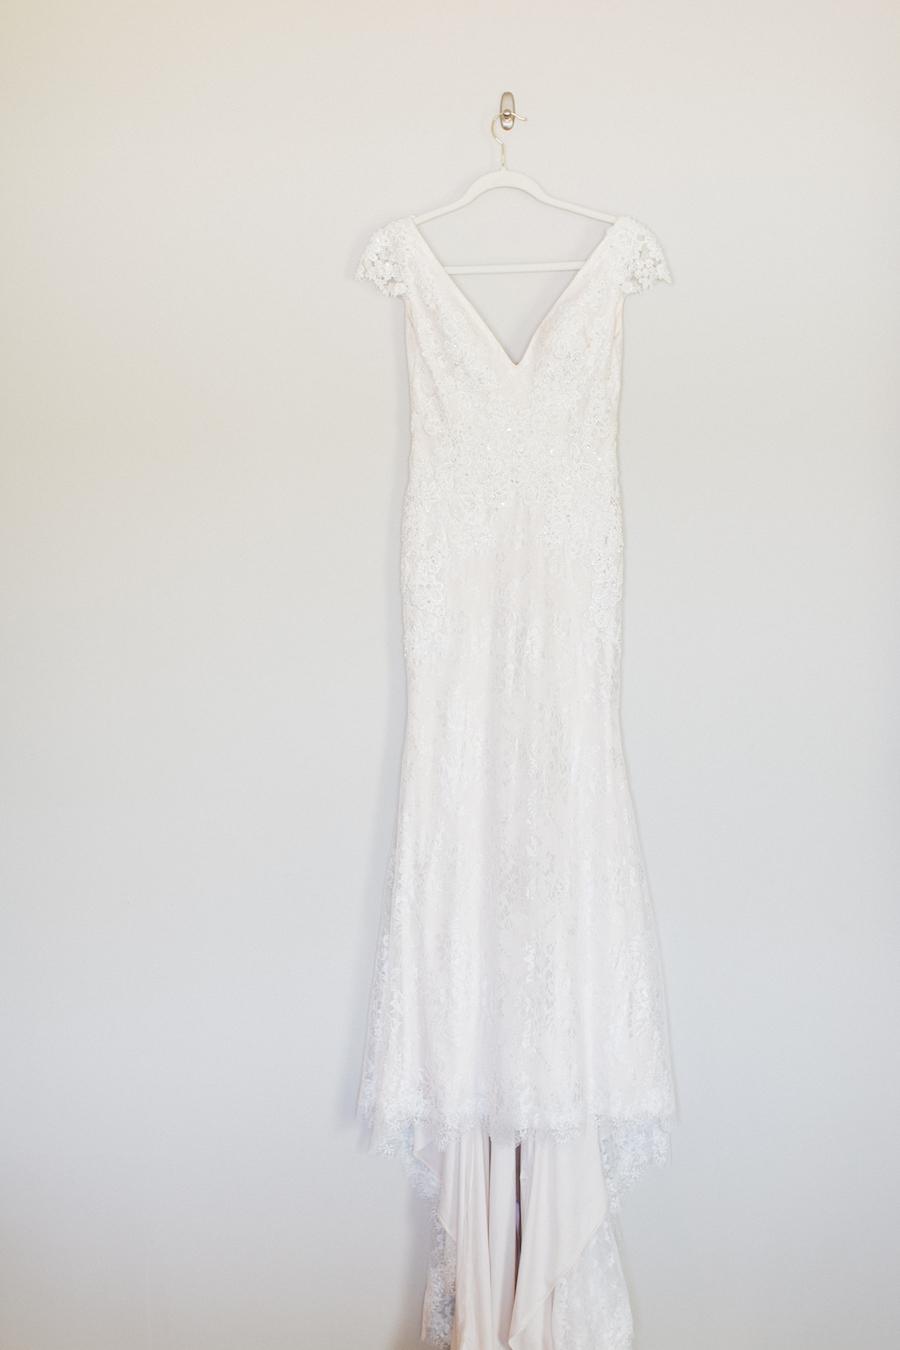 A white wedding dress